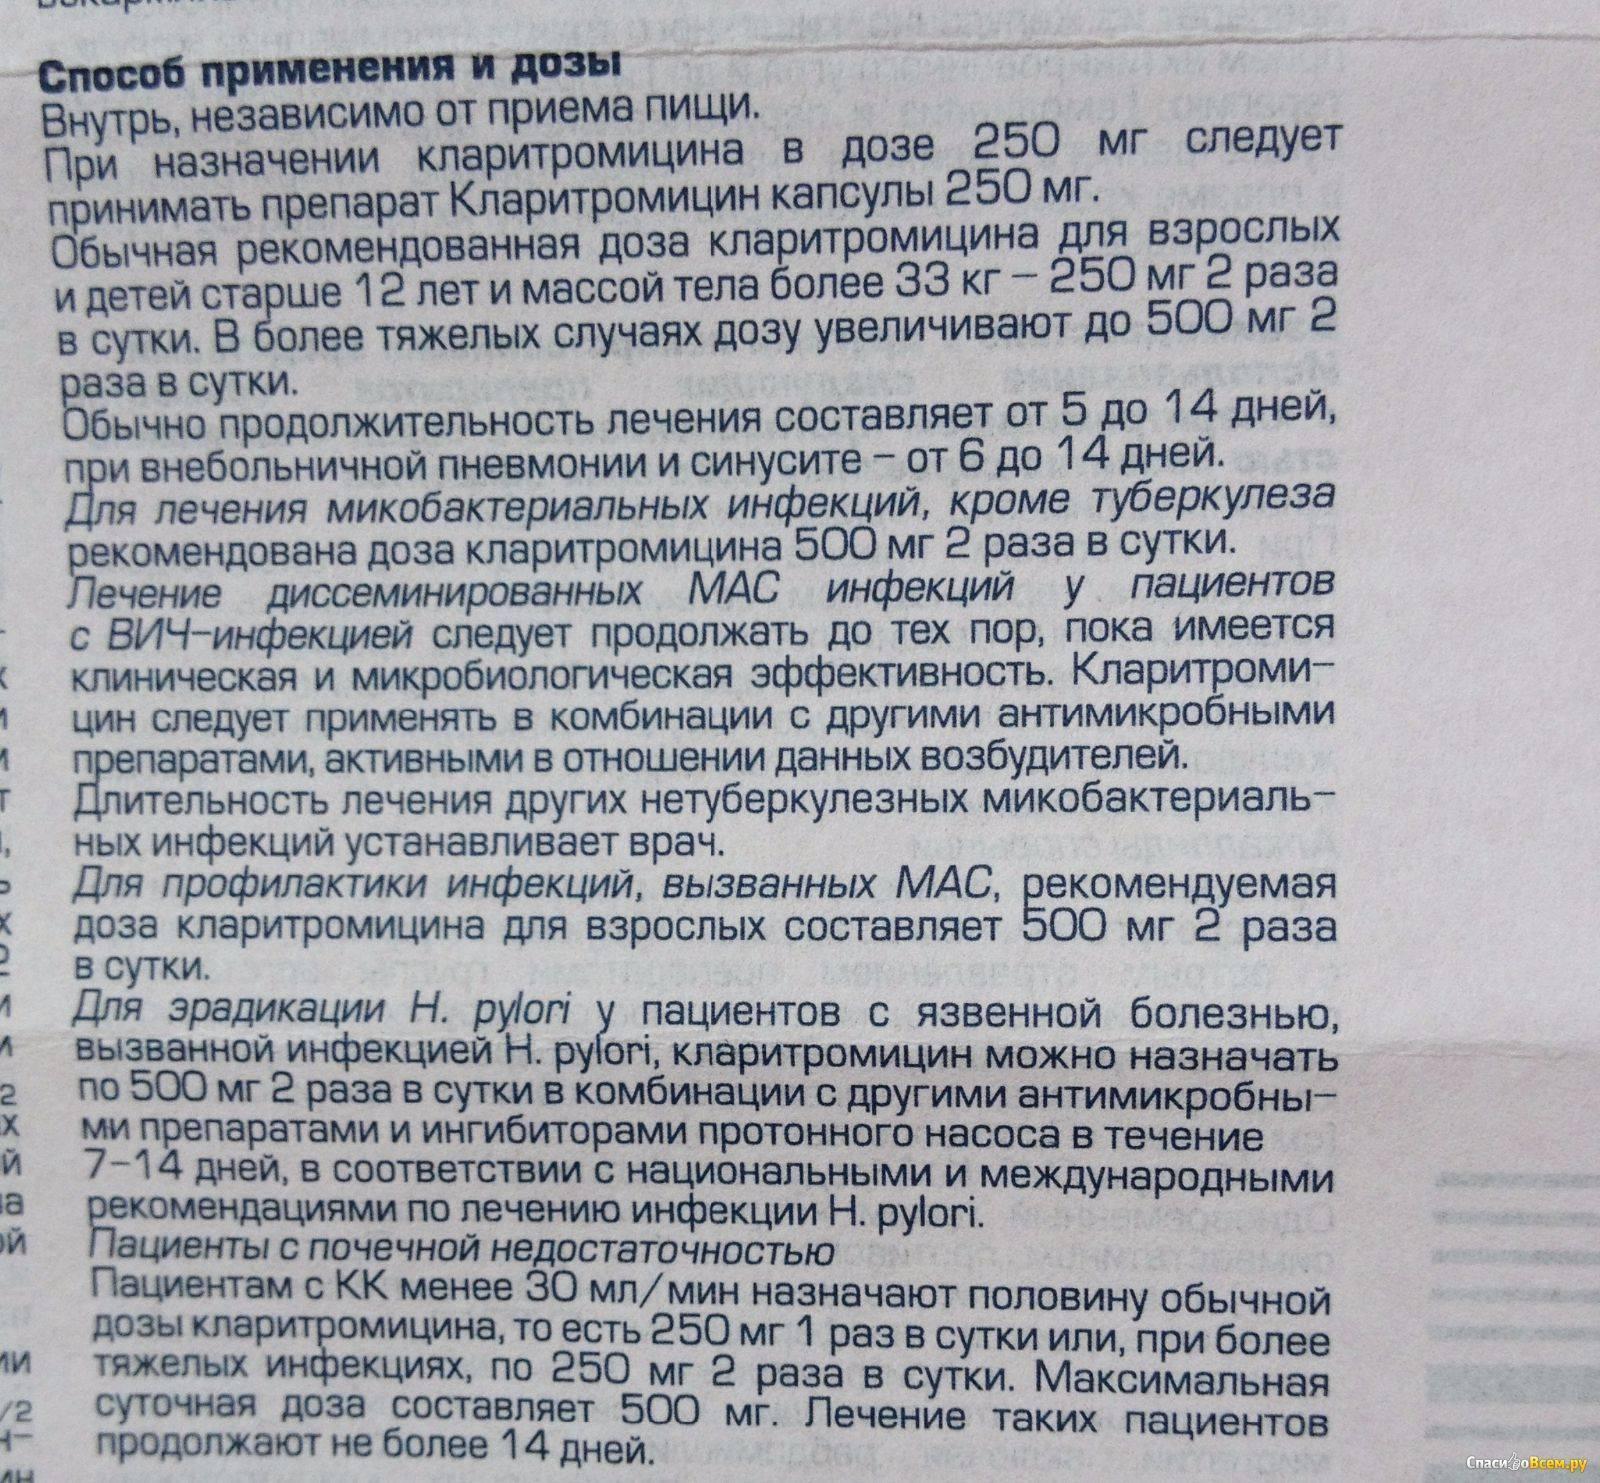 Тенотен детский: инструкция по применению, состав, дозировка и стоимость препарата | препараты | vpolozhenii.com